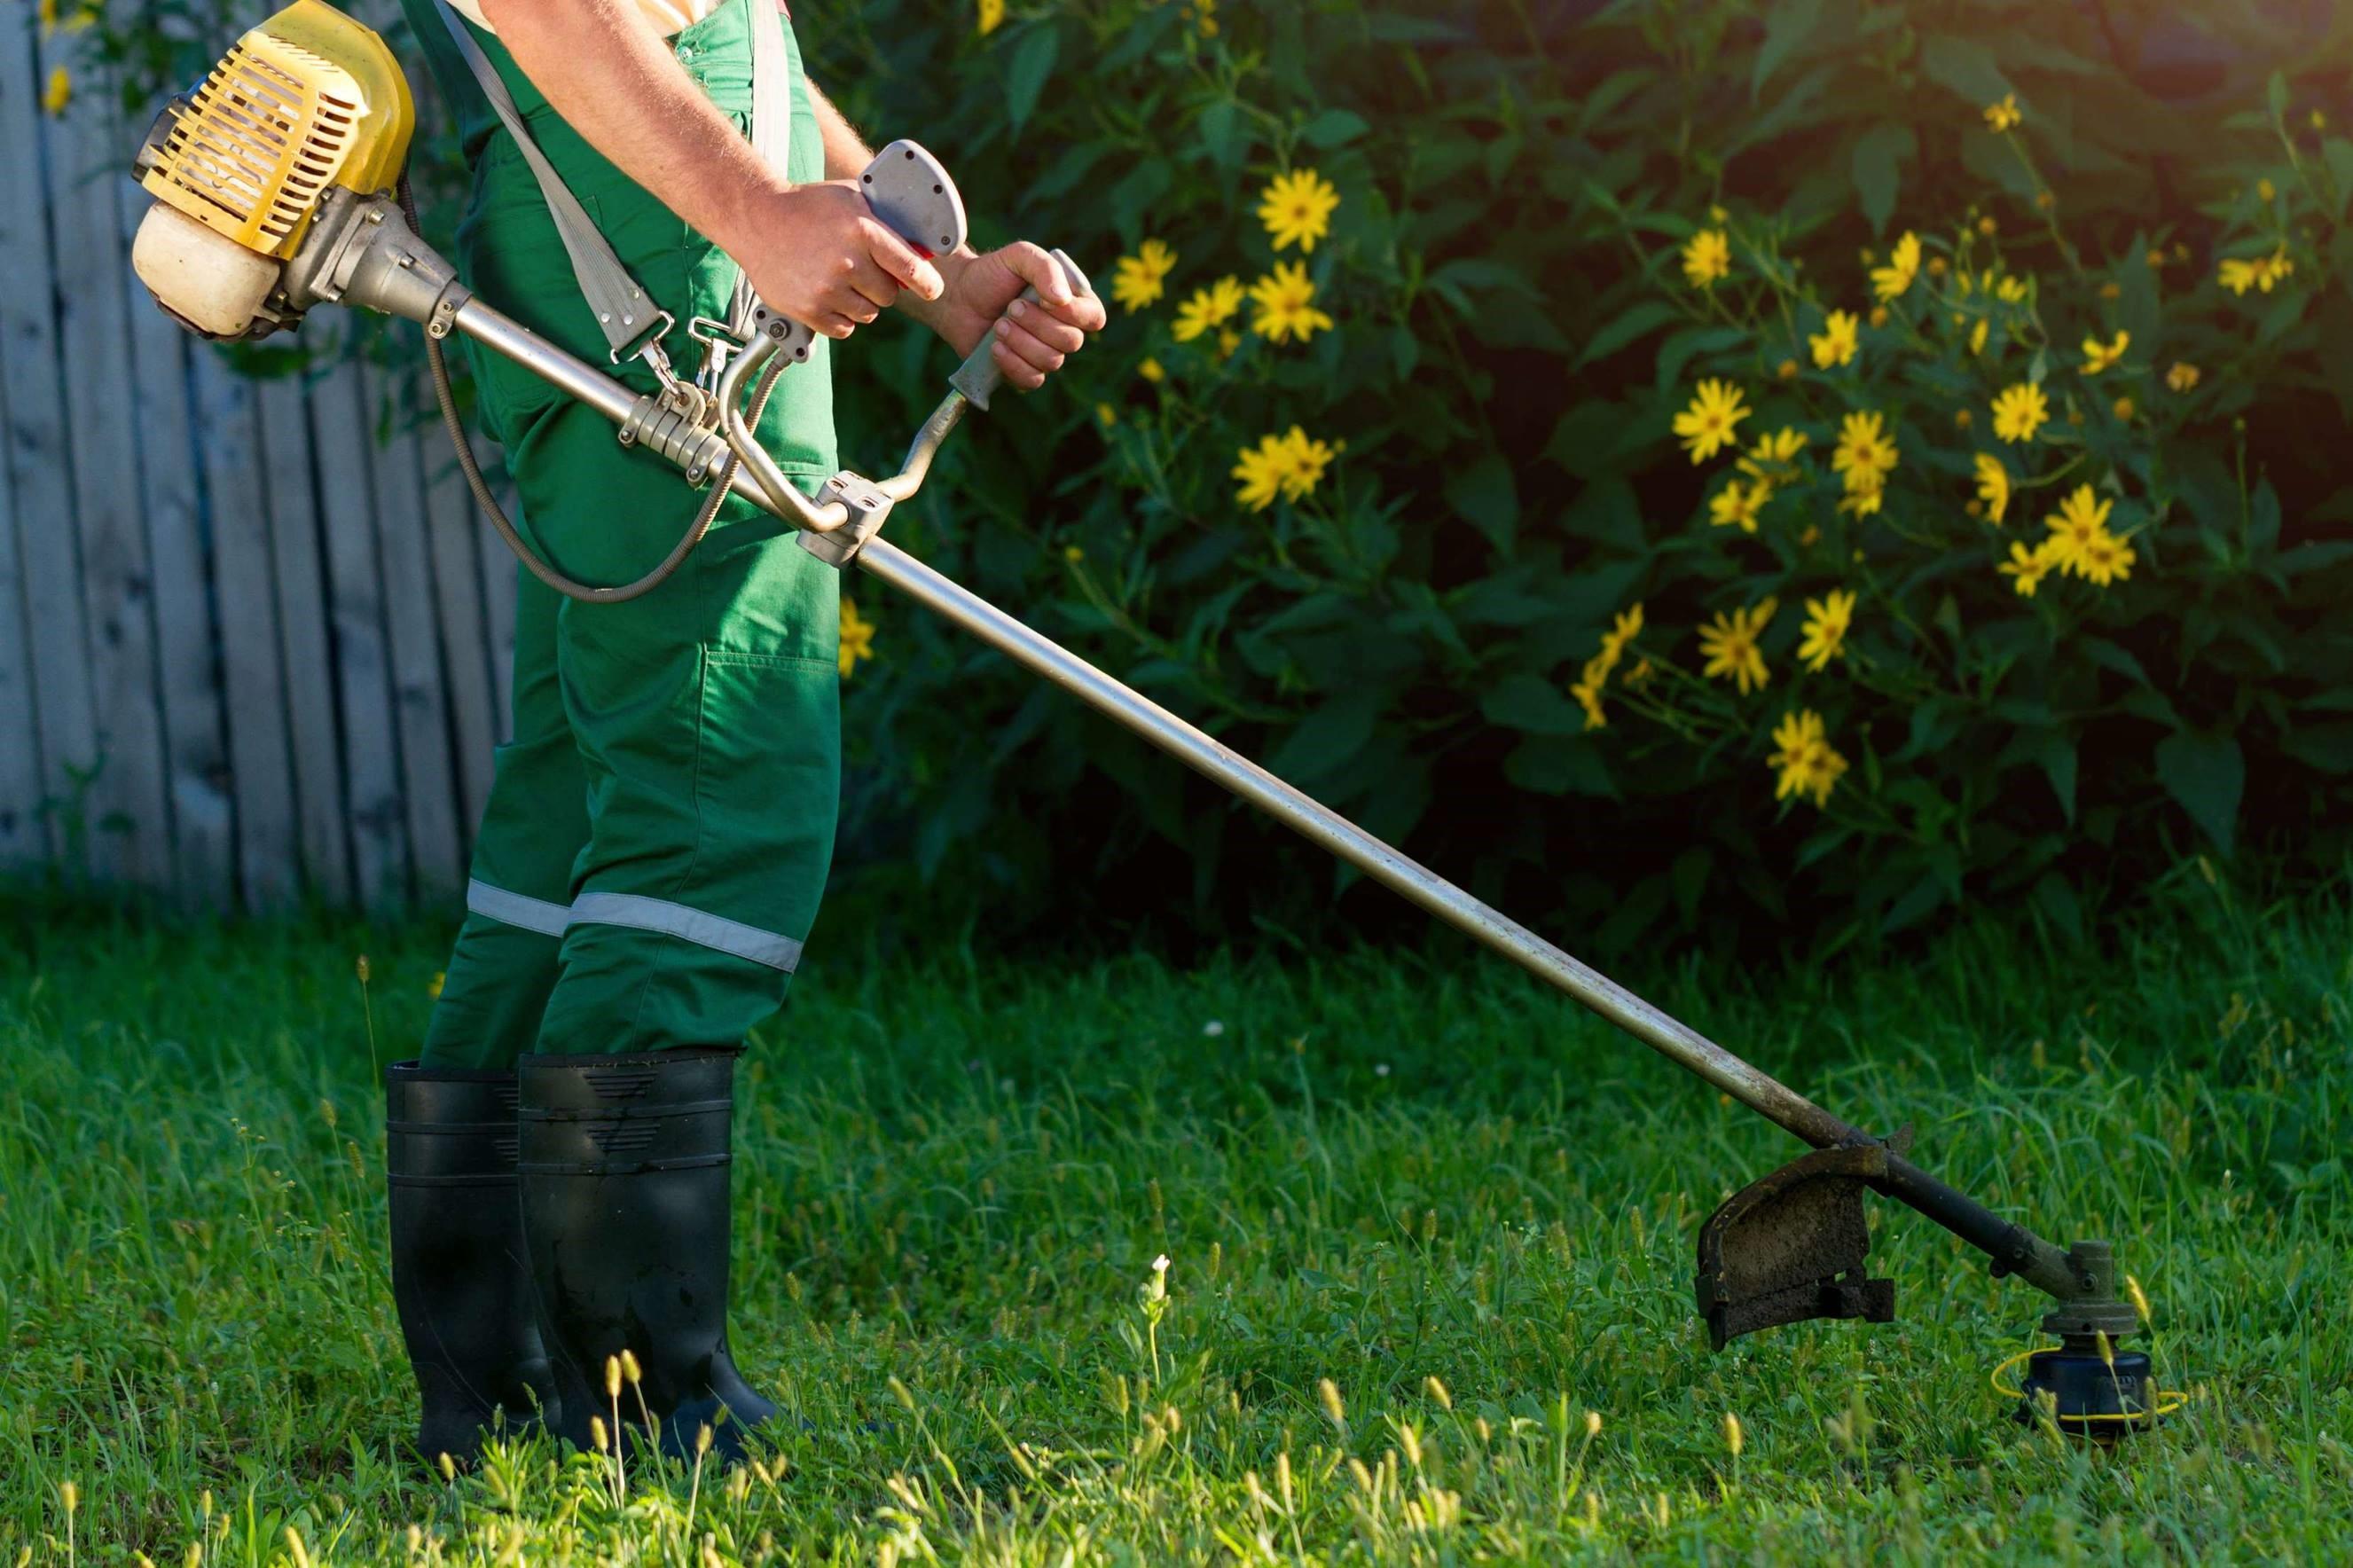 usługi porządkowe legnica, usługi transportowe legnica, utrzymywanie obiektów legnica, wycinka drzew dolnośląskie, wycinka drzew legnica, wynajem kontenerów legnica, wywóz gruzu legnica